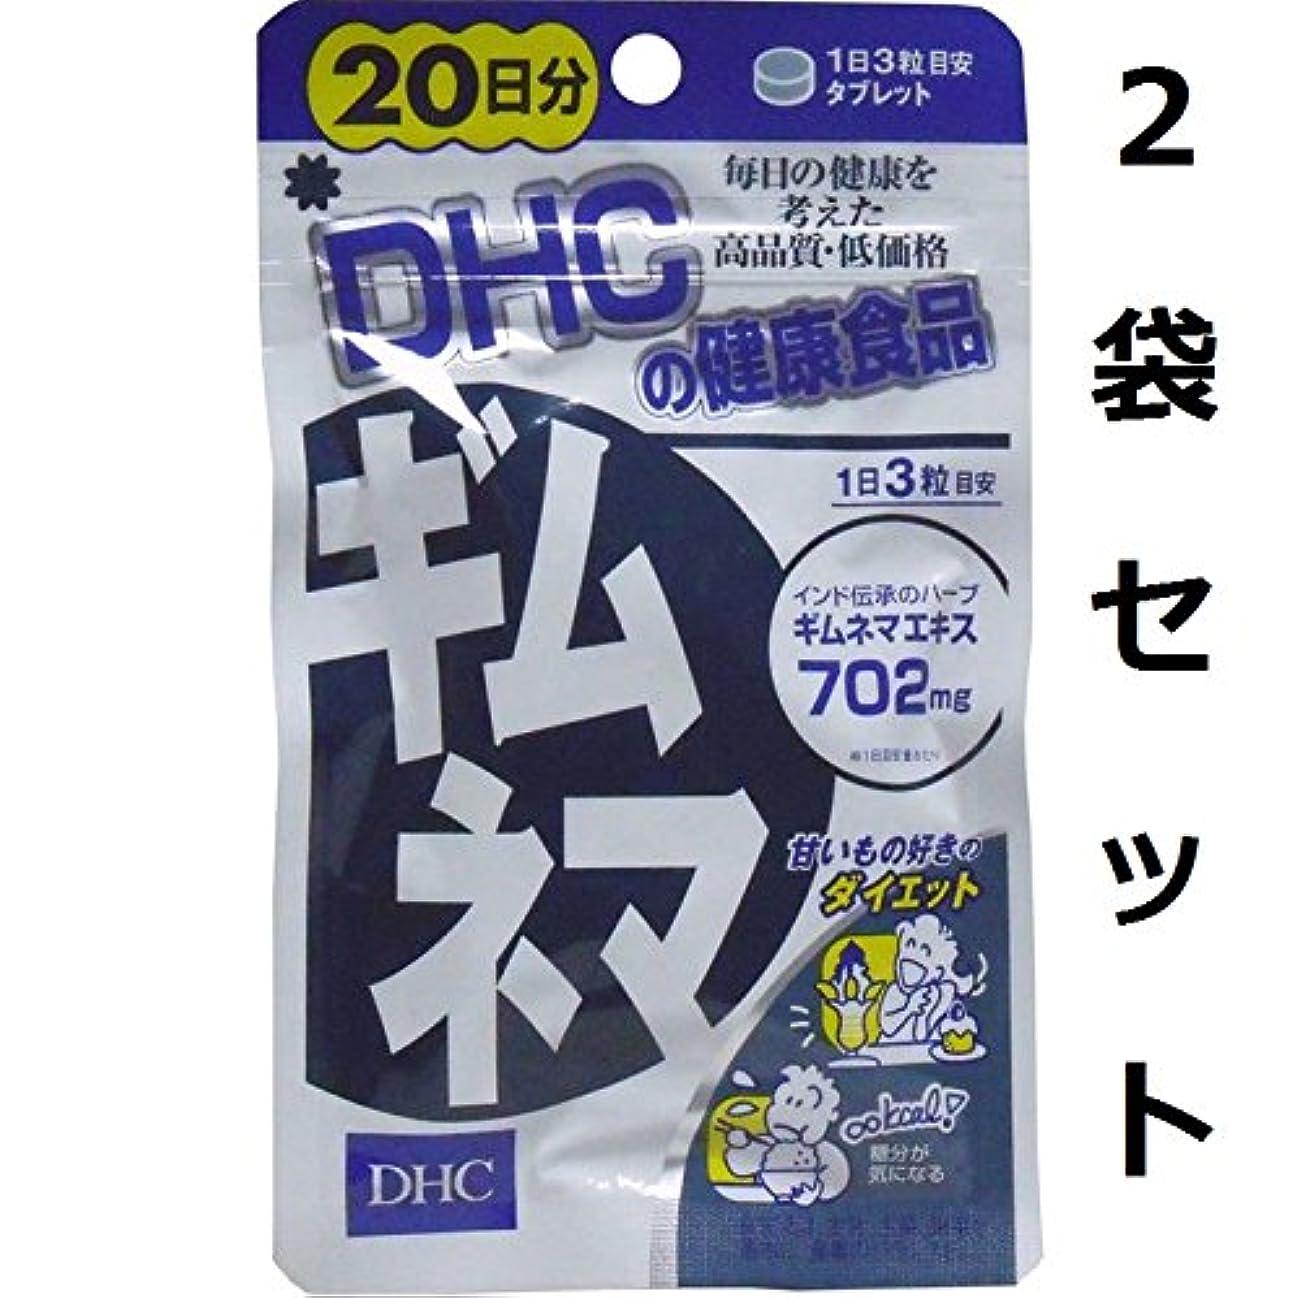 醸造所申し立て浅い大好きな「甘いもの」をムダ肉にしない DHC ギムネマ 20日分 60粒 2袋セット